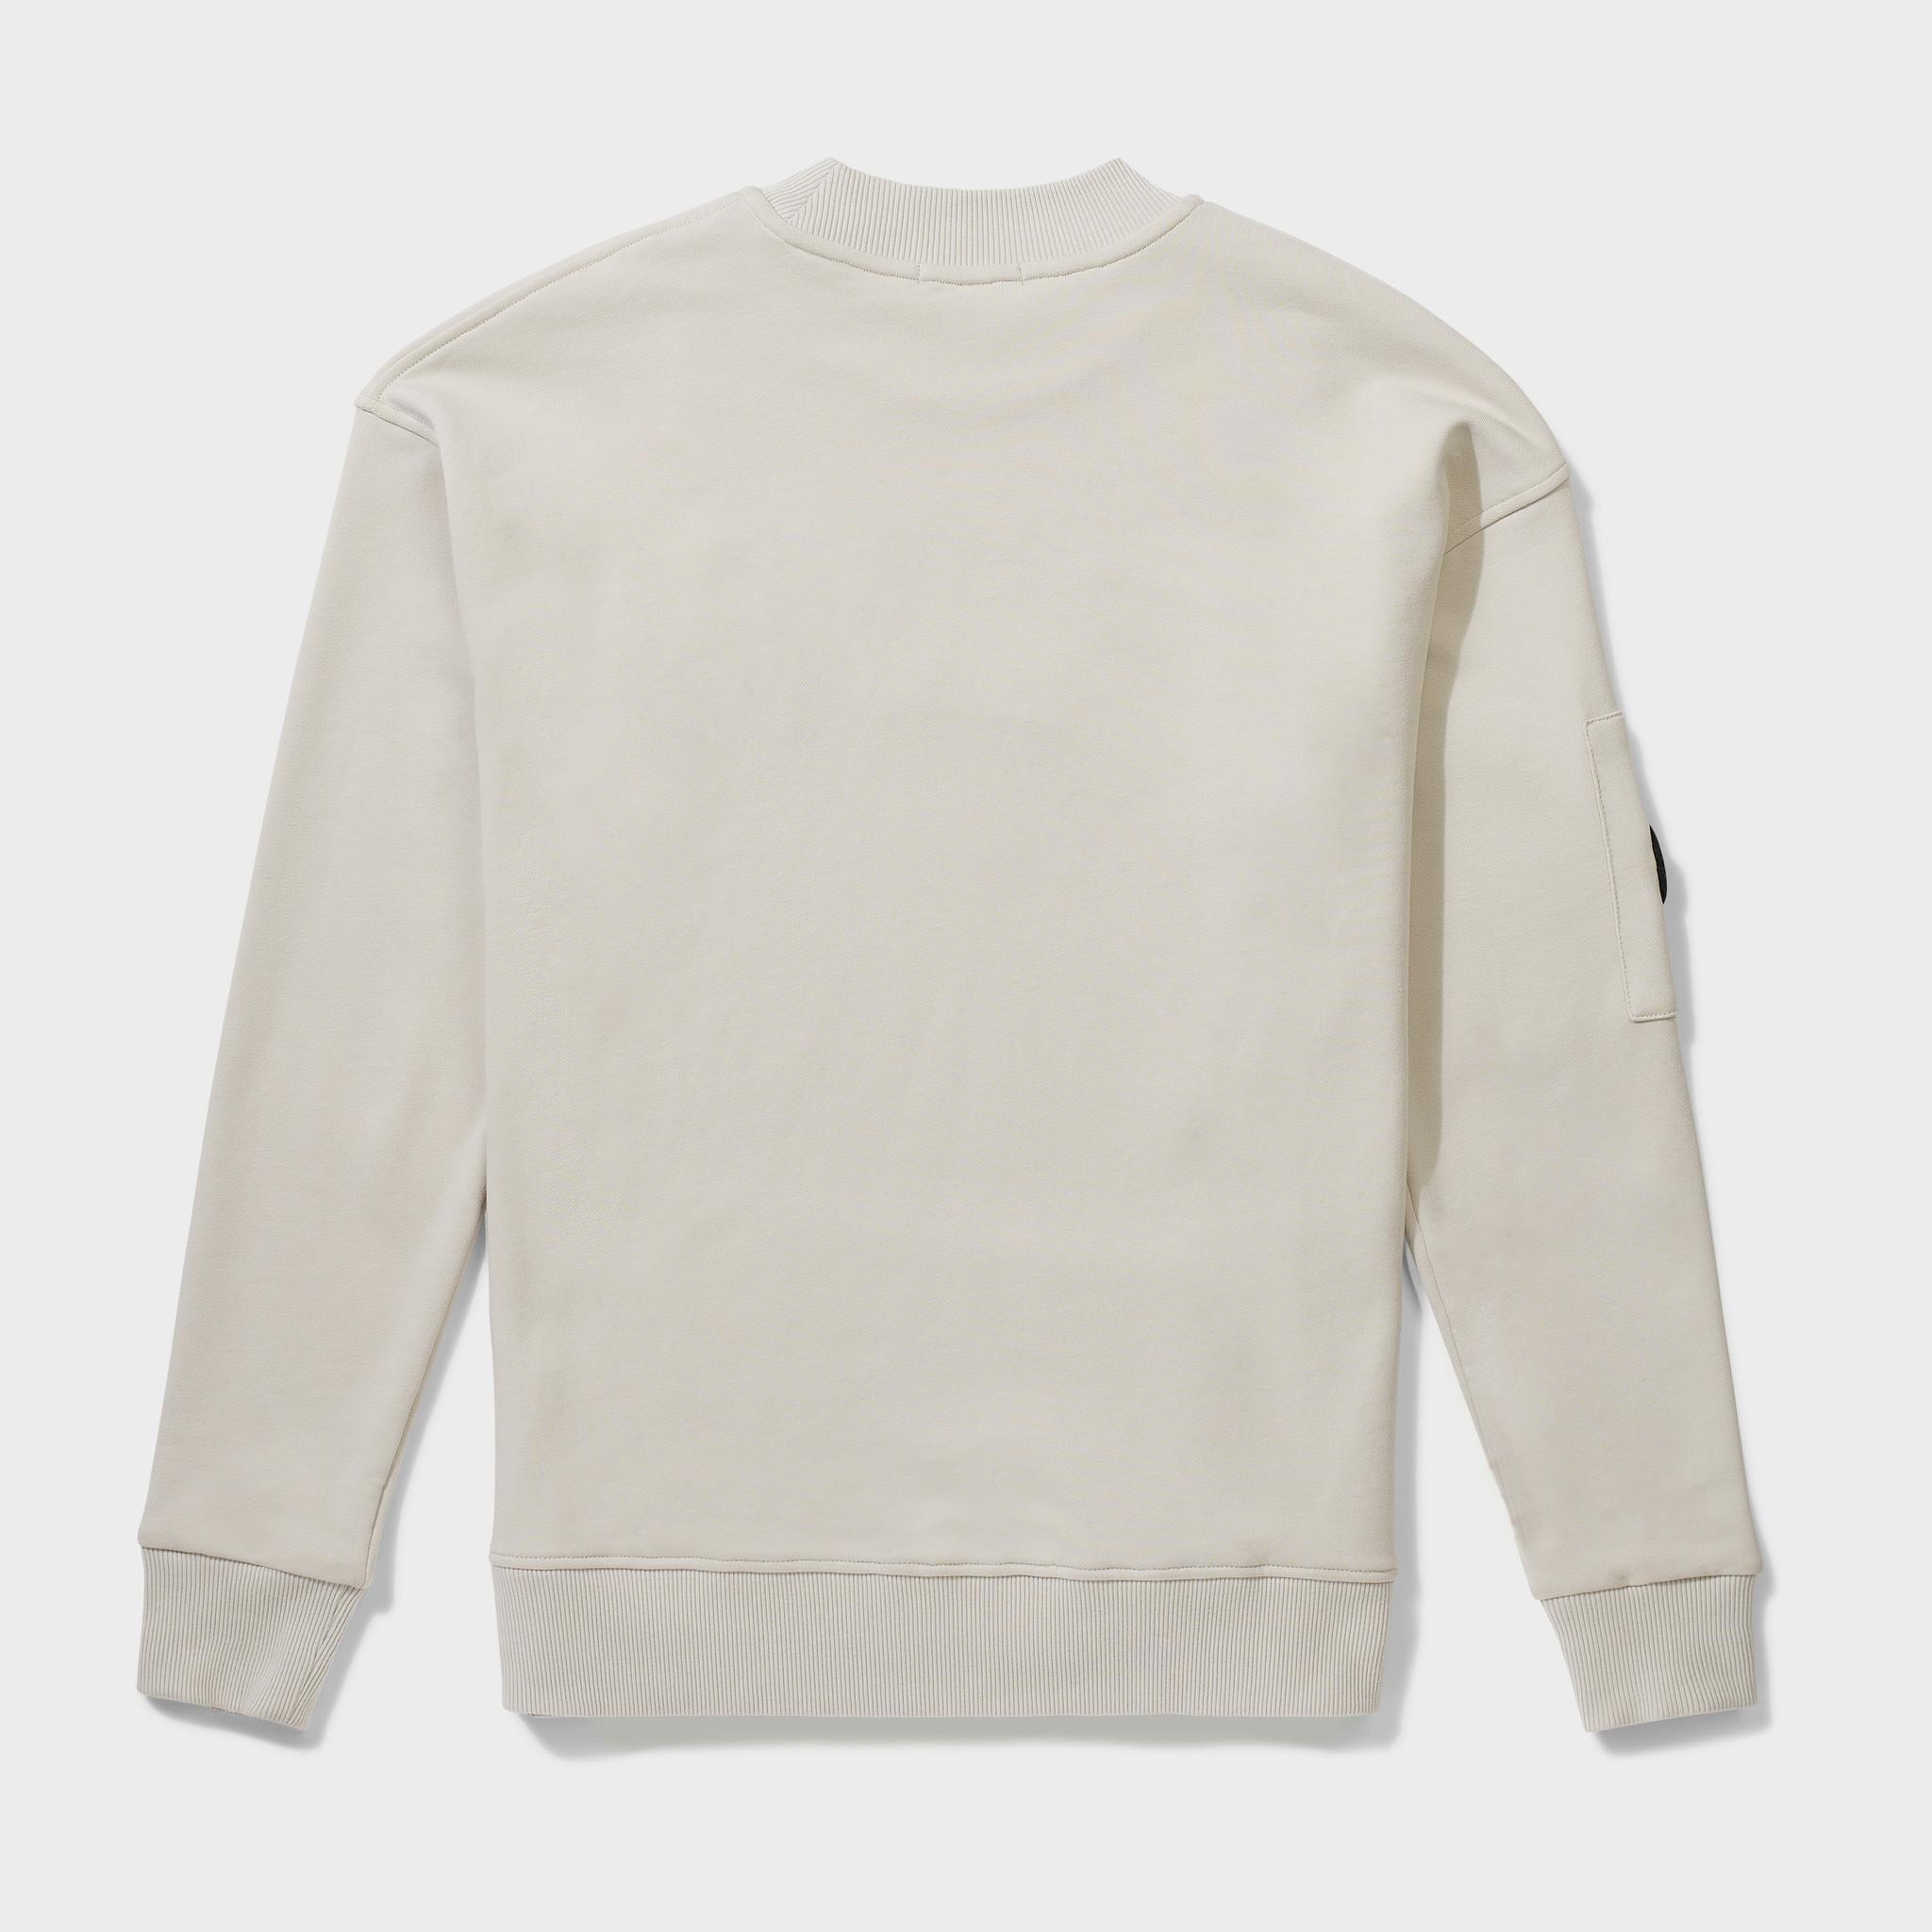 Wafi Signature Sweater Beige-2